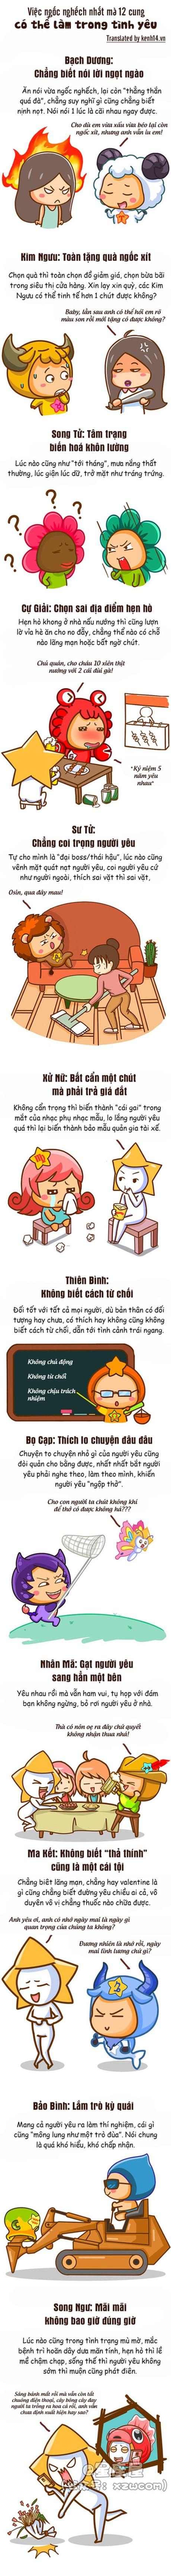 Khong ngo la tinh yeu co the khien 12 cung hanh dong ngoc nghech den muc nay! - Anh 1